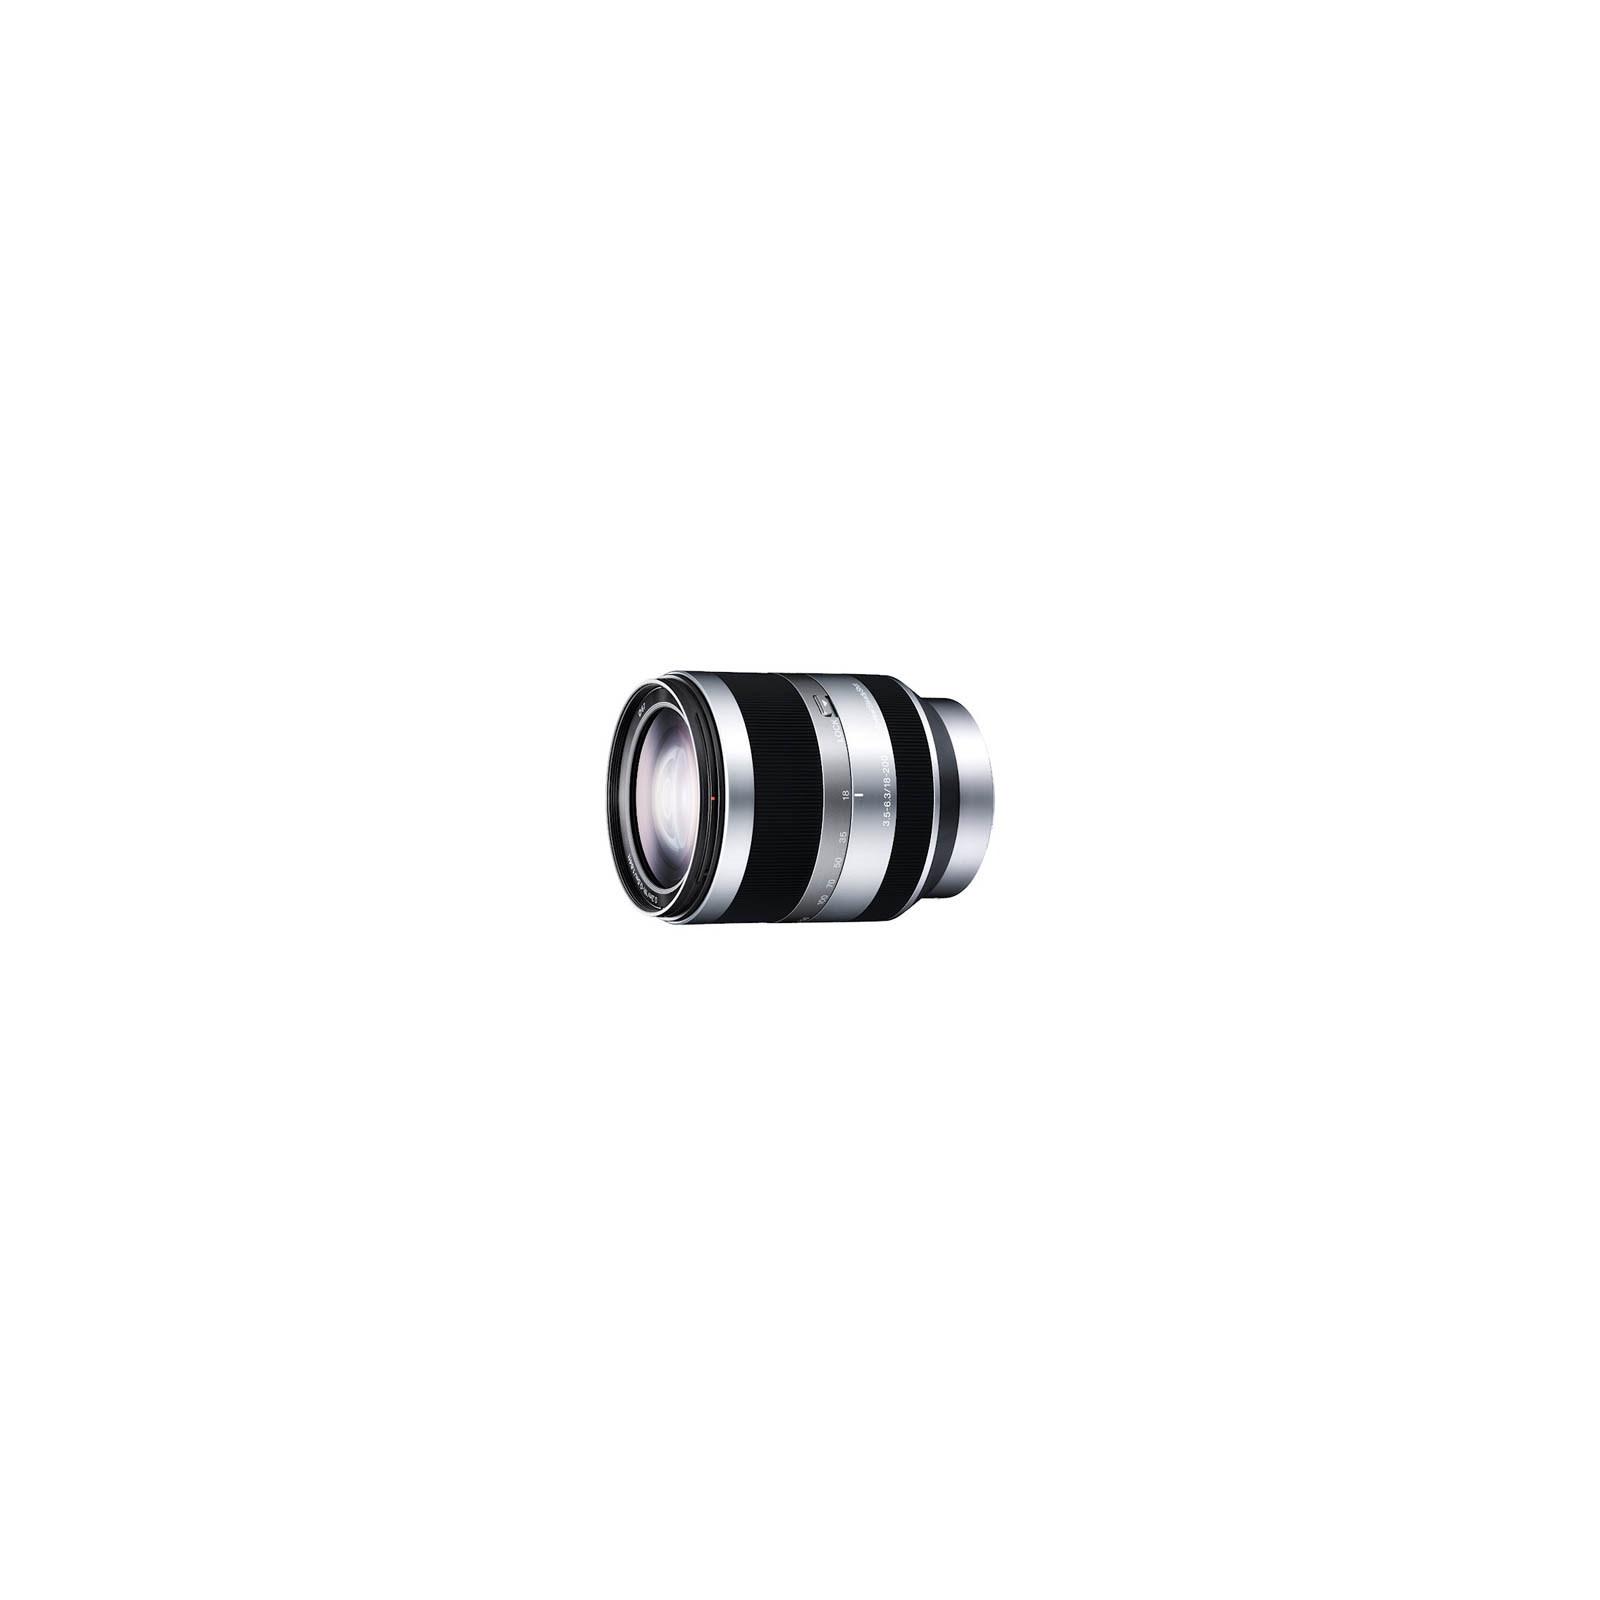 Объектив SONY 18-200mm f/3.5-6.3 for NEX (SEL18200.AE)